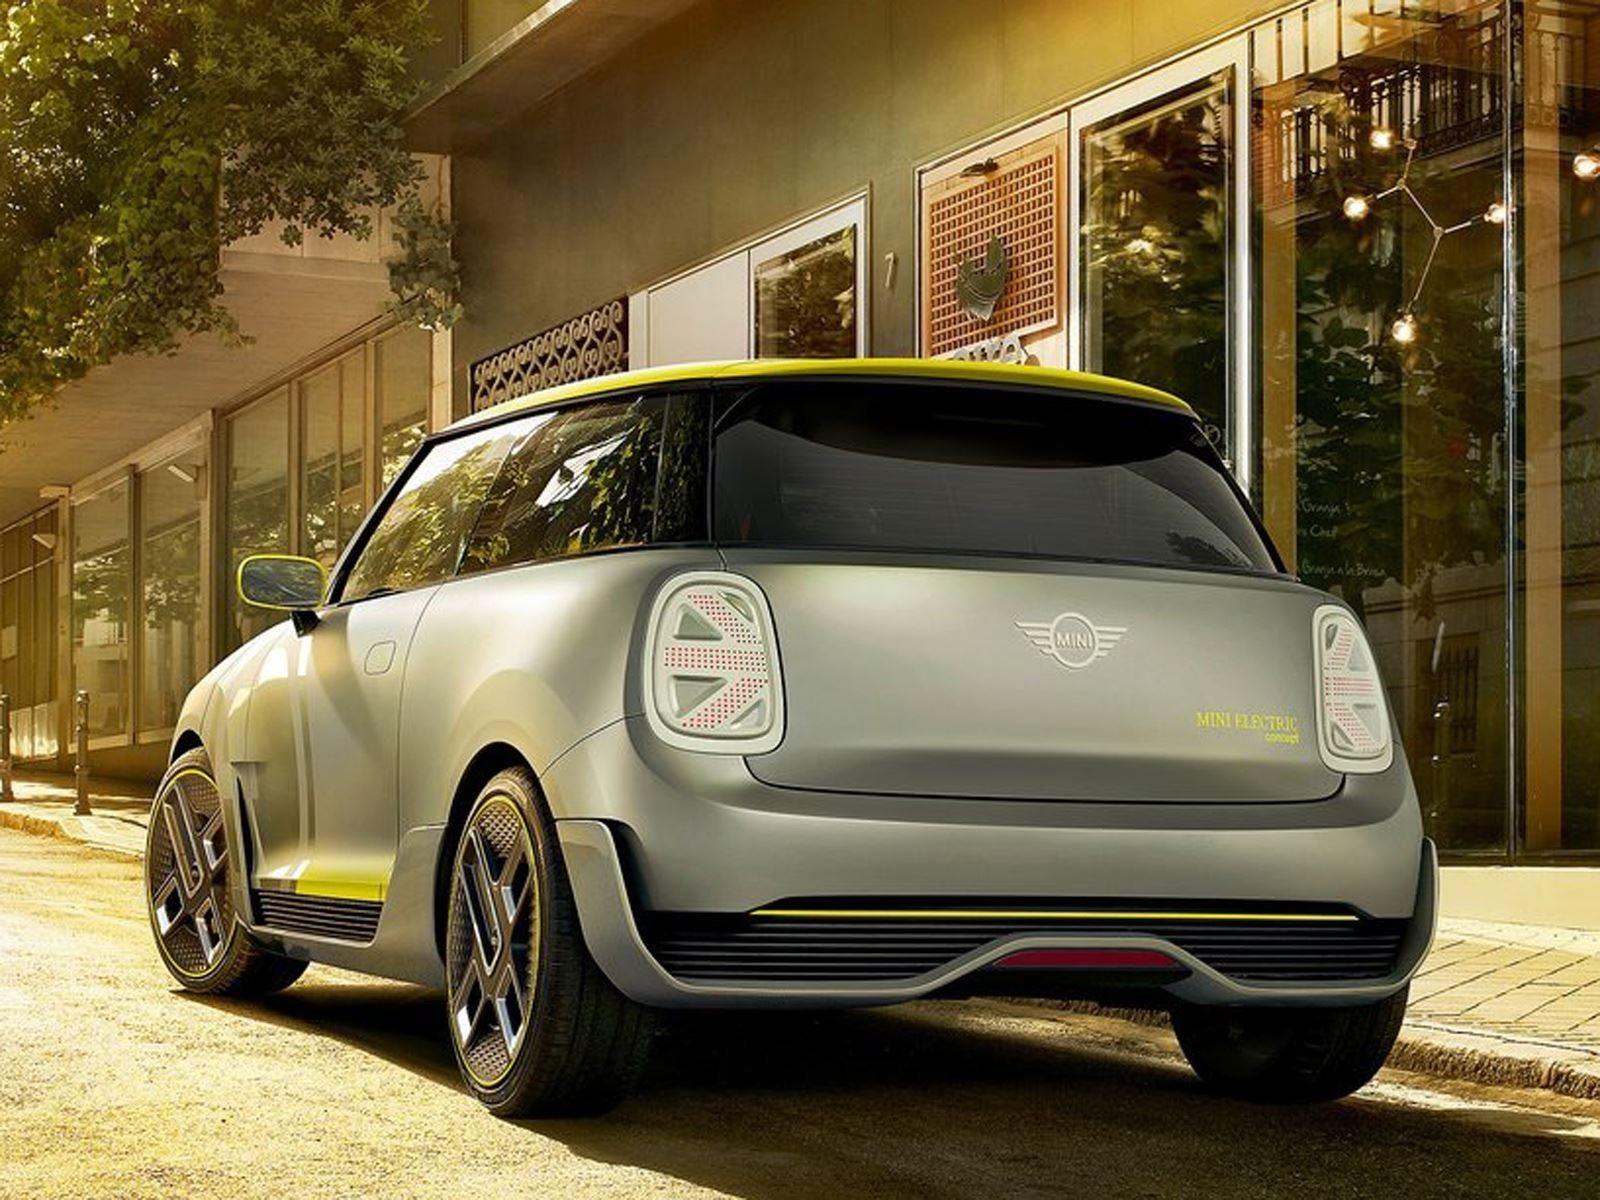 У BMW большие планы по электрификации. Баварский автопроизводитель пообещал электрифицировать весь свой ассортимент и представить до 12 новых электро-каров в период между 2019 и 2025 годами. Неудивительно, что это означает, что электрический диапазон